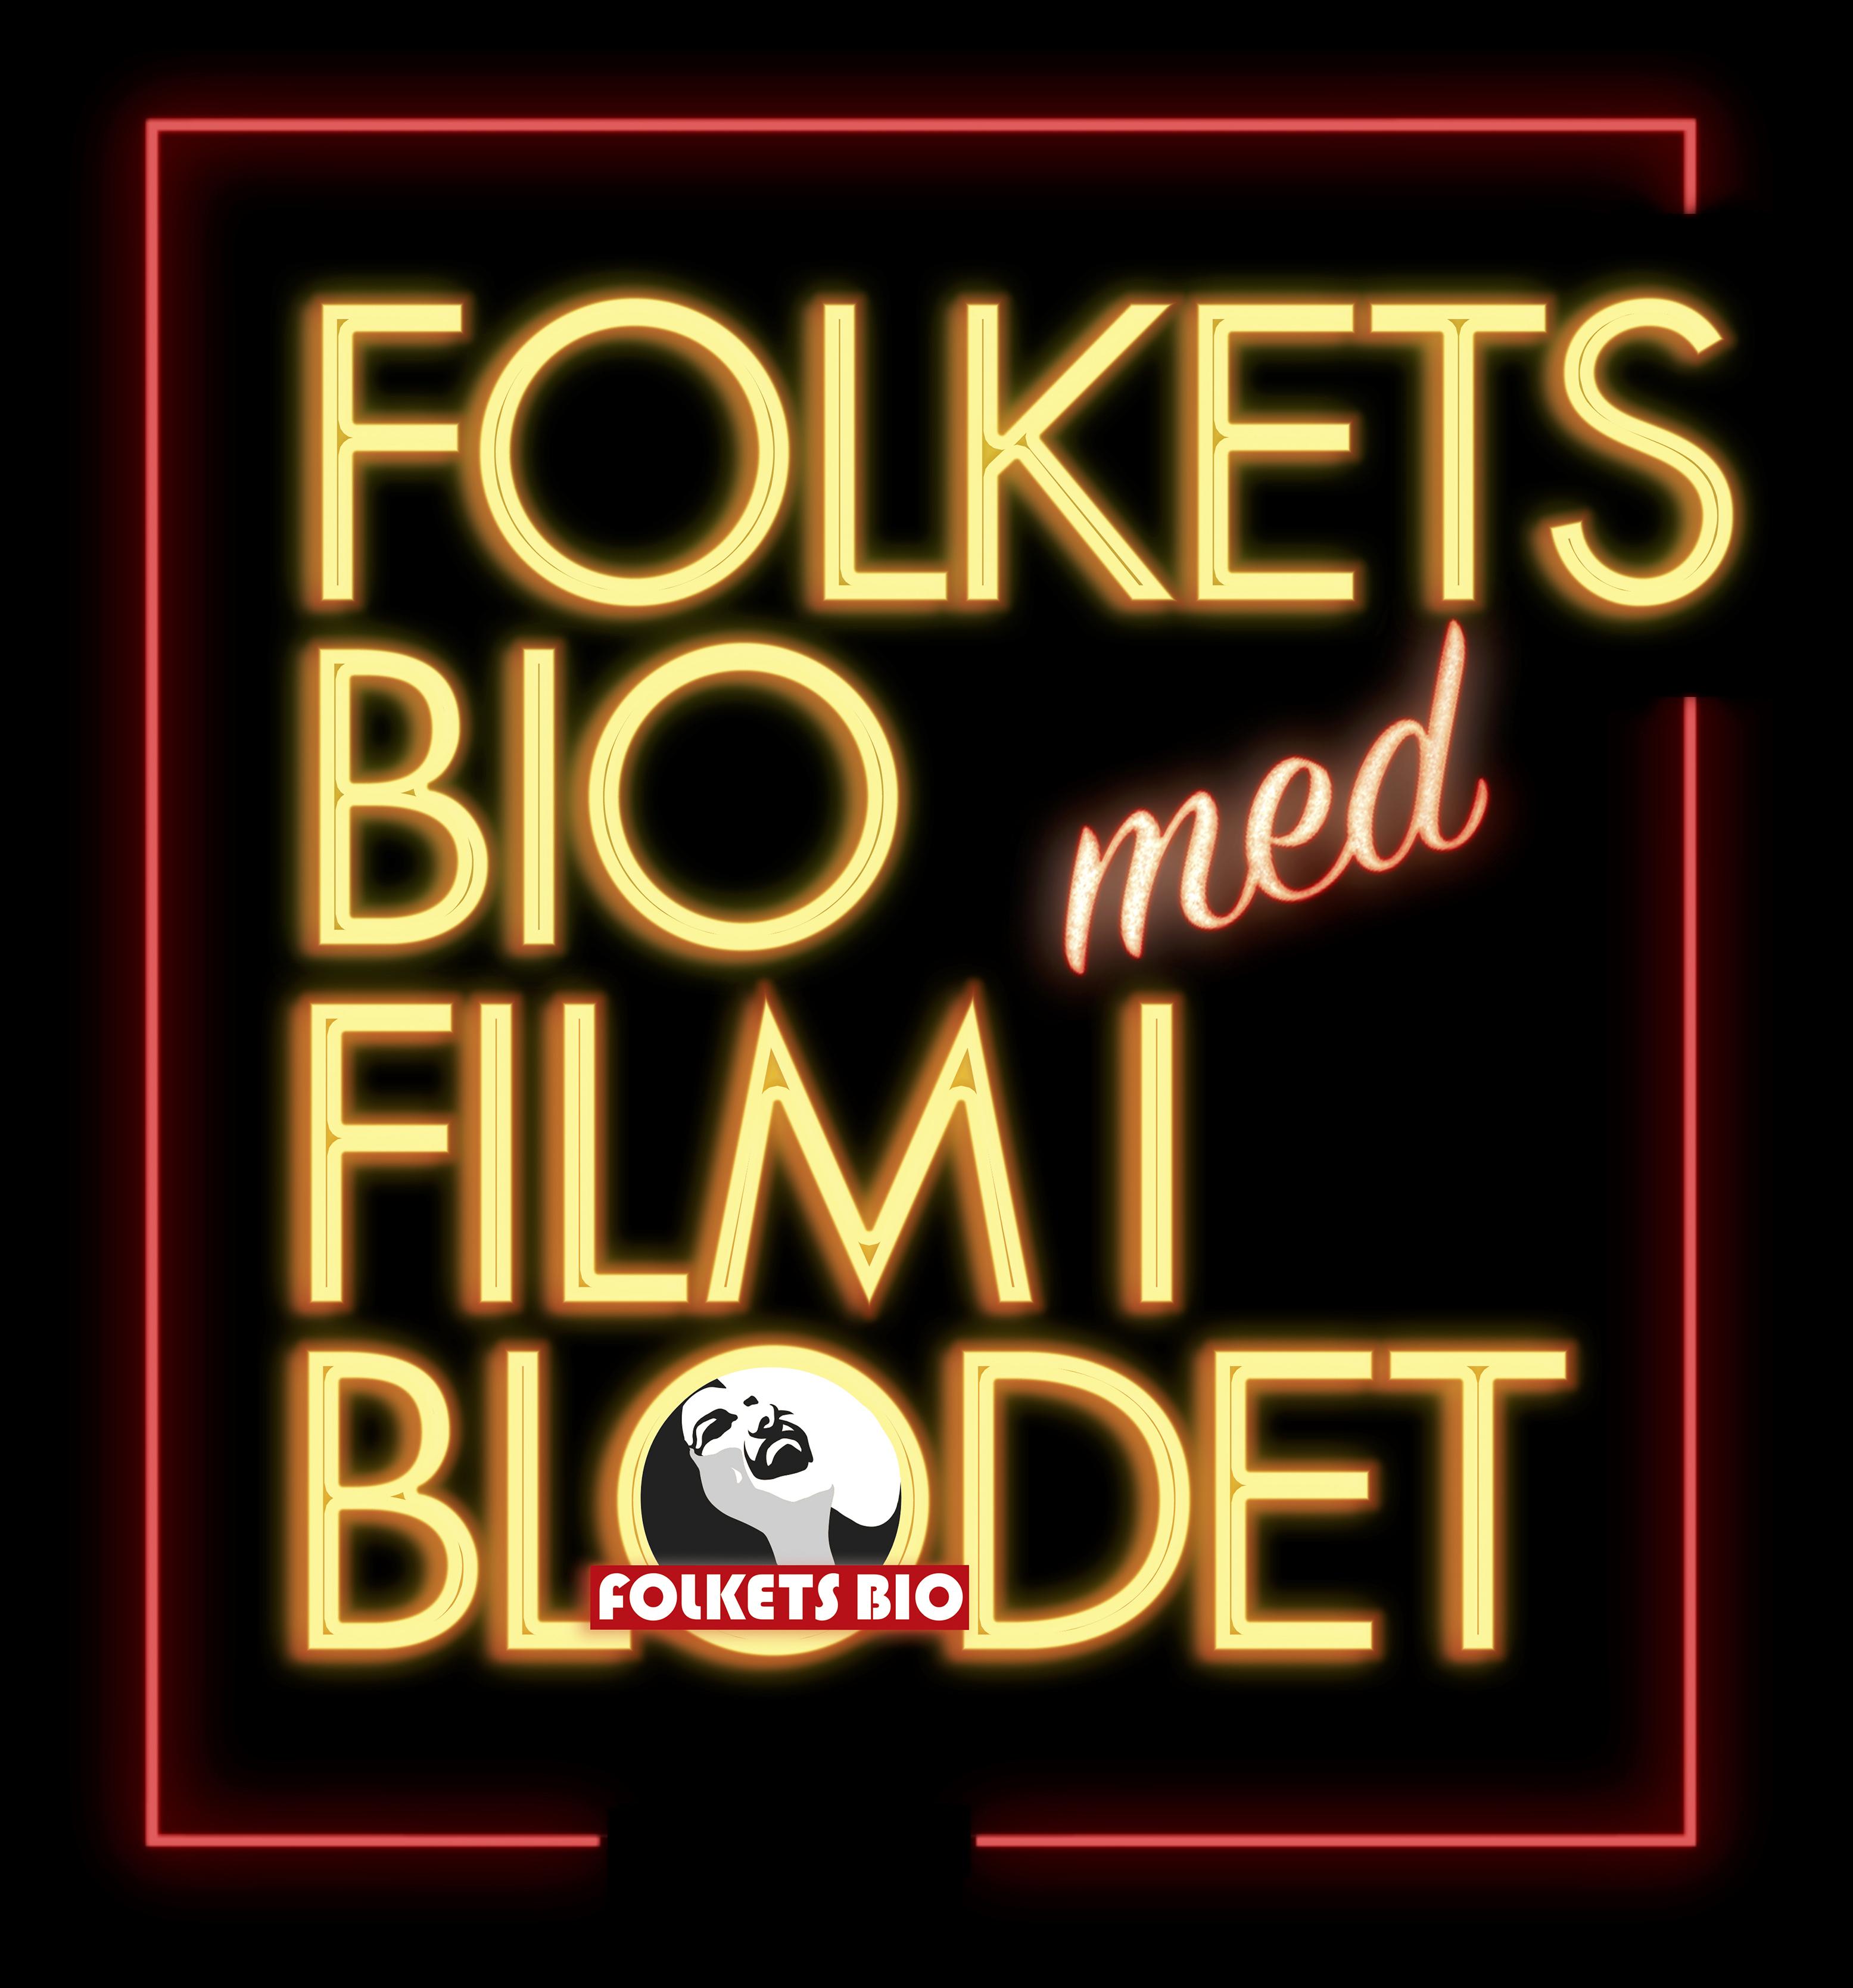 FB film i blodet